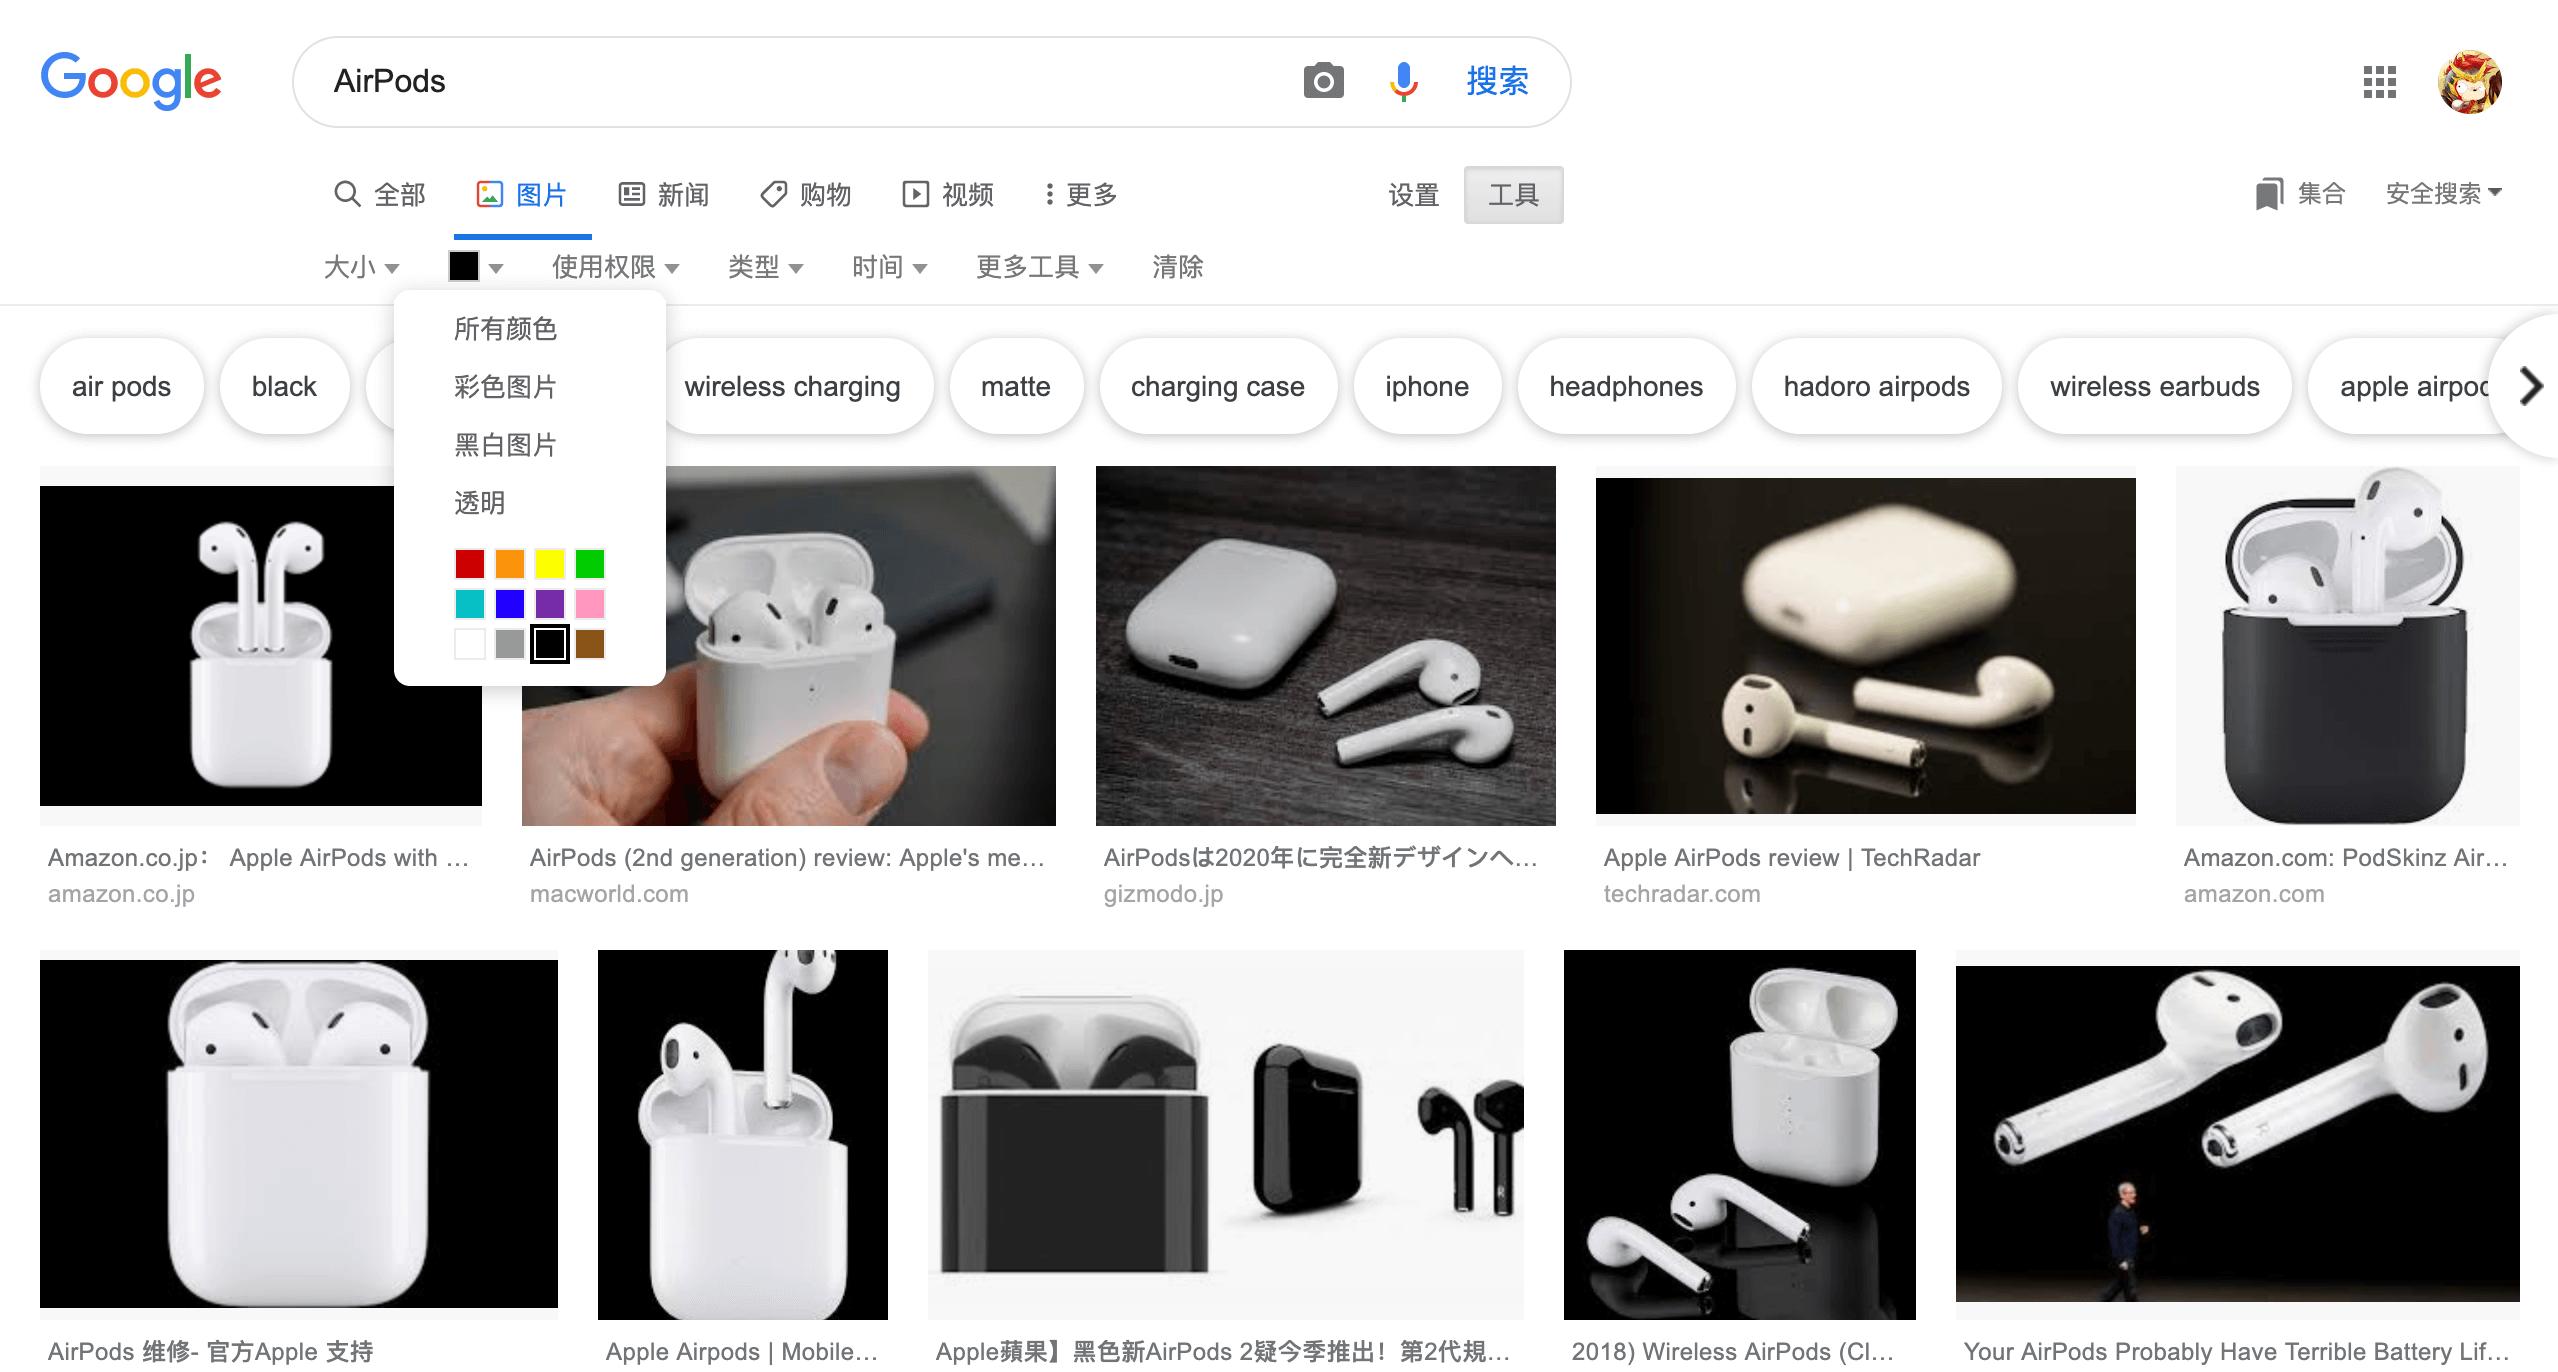 教你如何用好Google的搜图功能